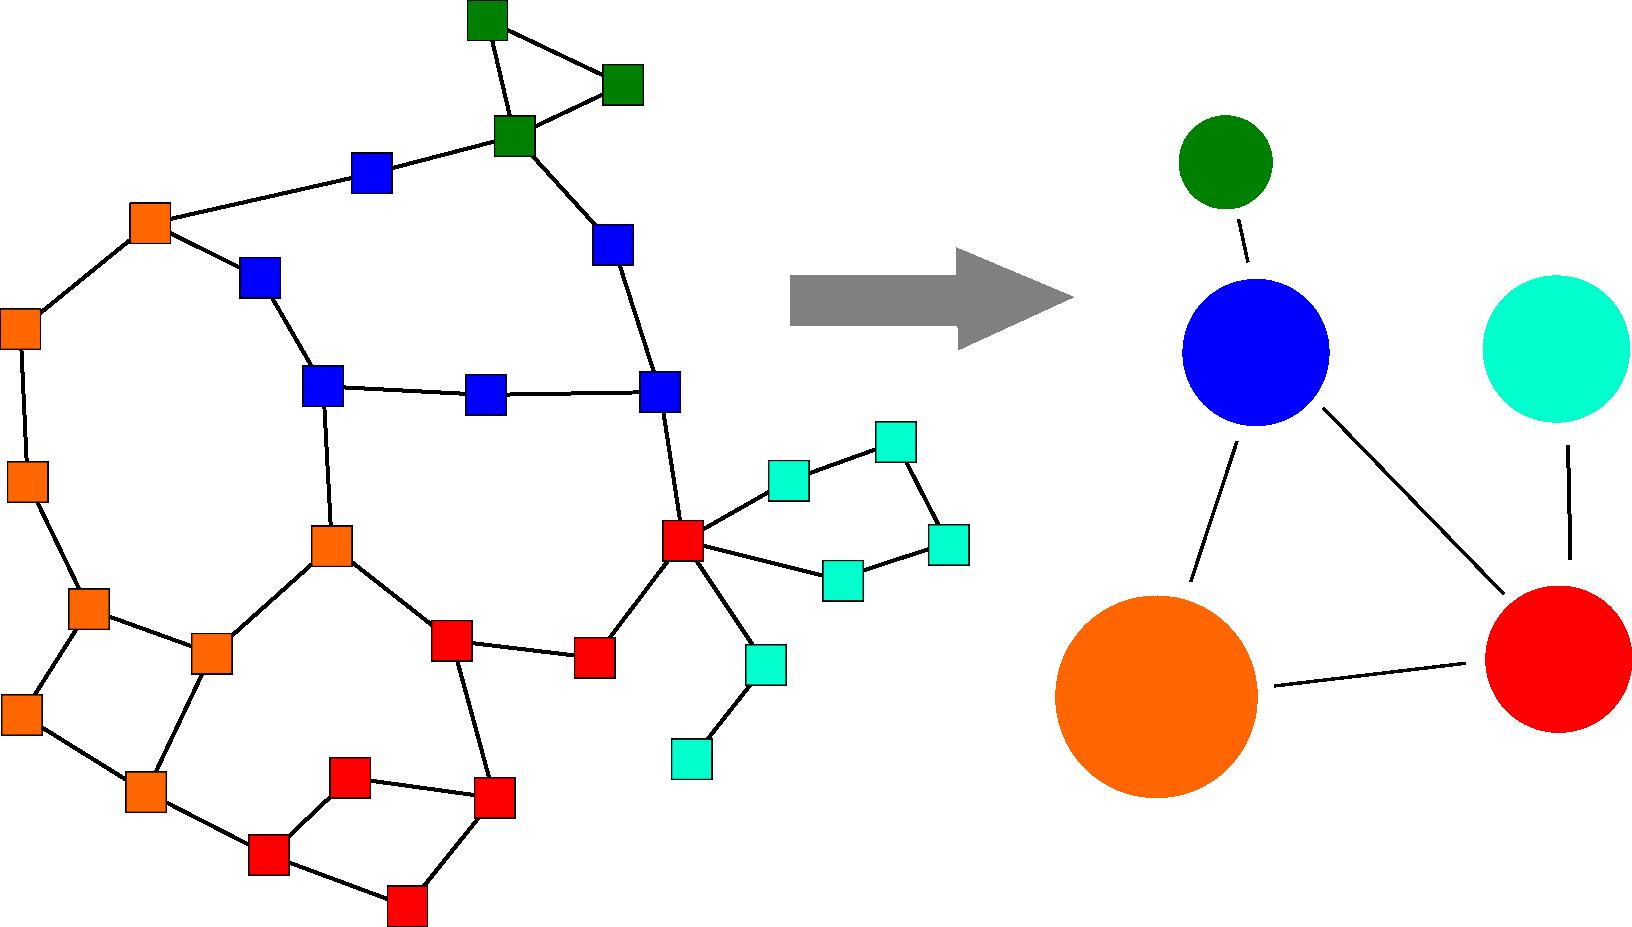 grenzen biomedizinischer modelle